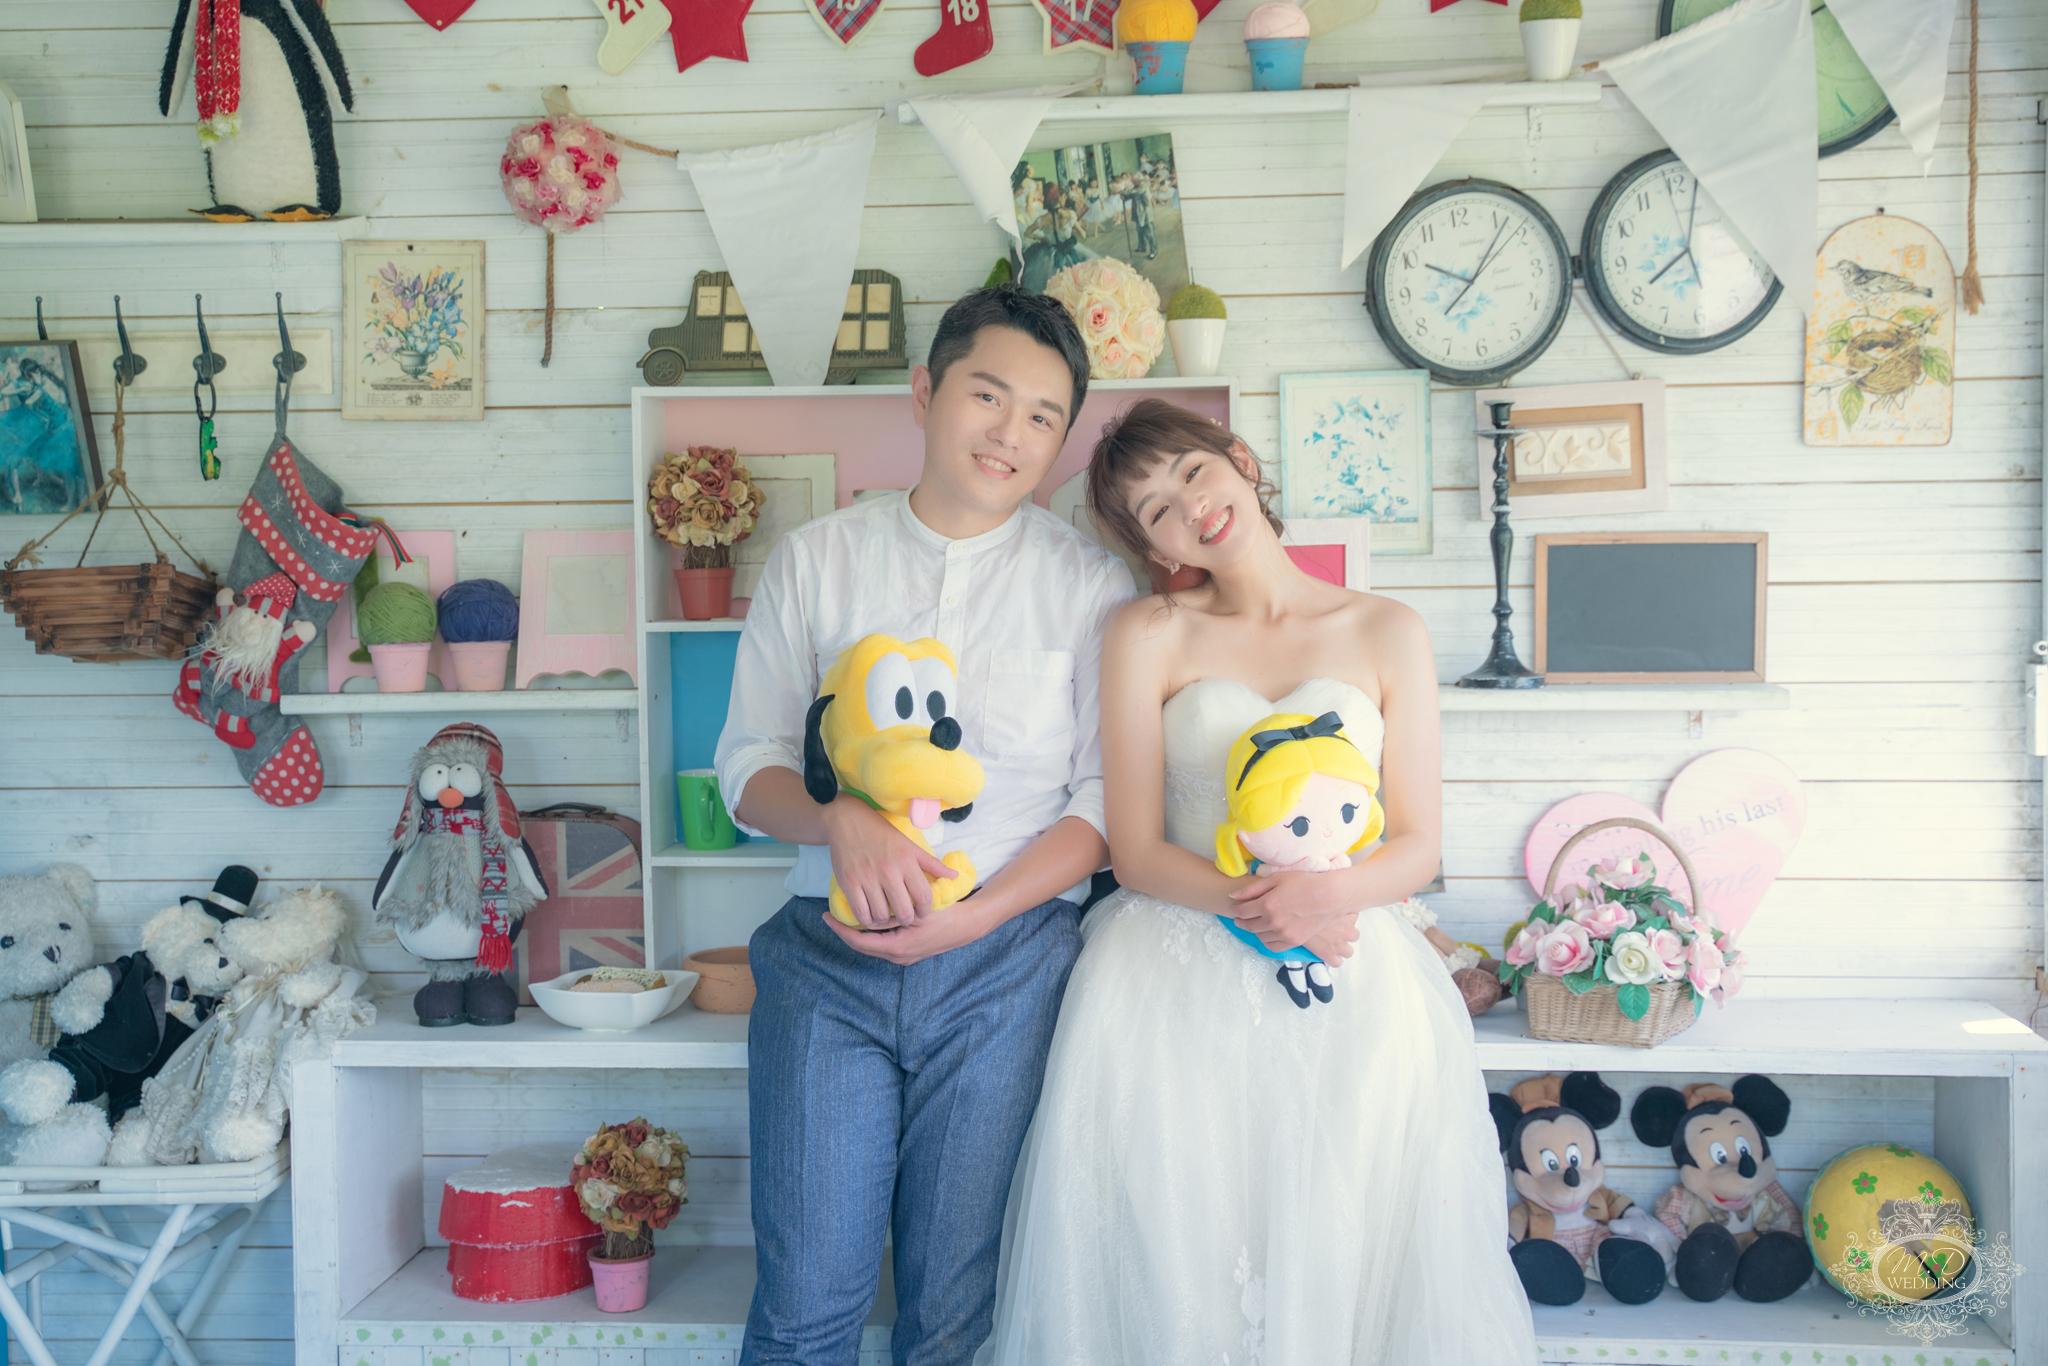 野餐風 淡水莊園婚紗基地 浪漫風格 逆光婚紗 唯美風 台北婚紗推薦 韓系小清新婚紗